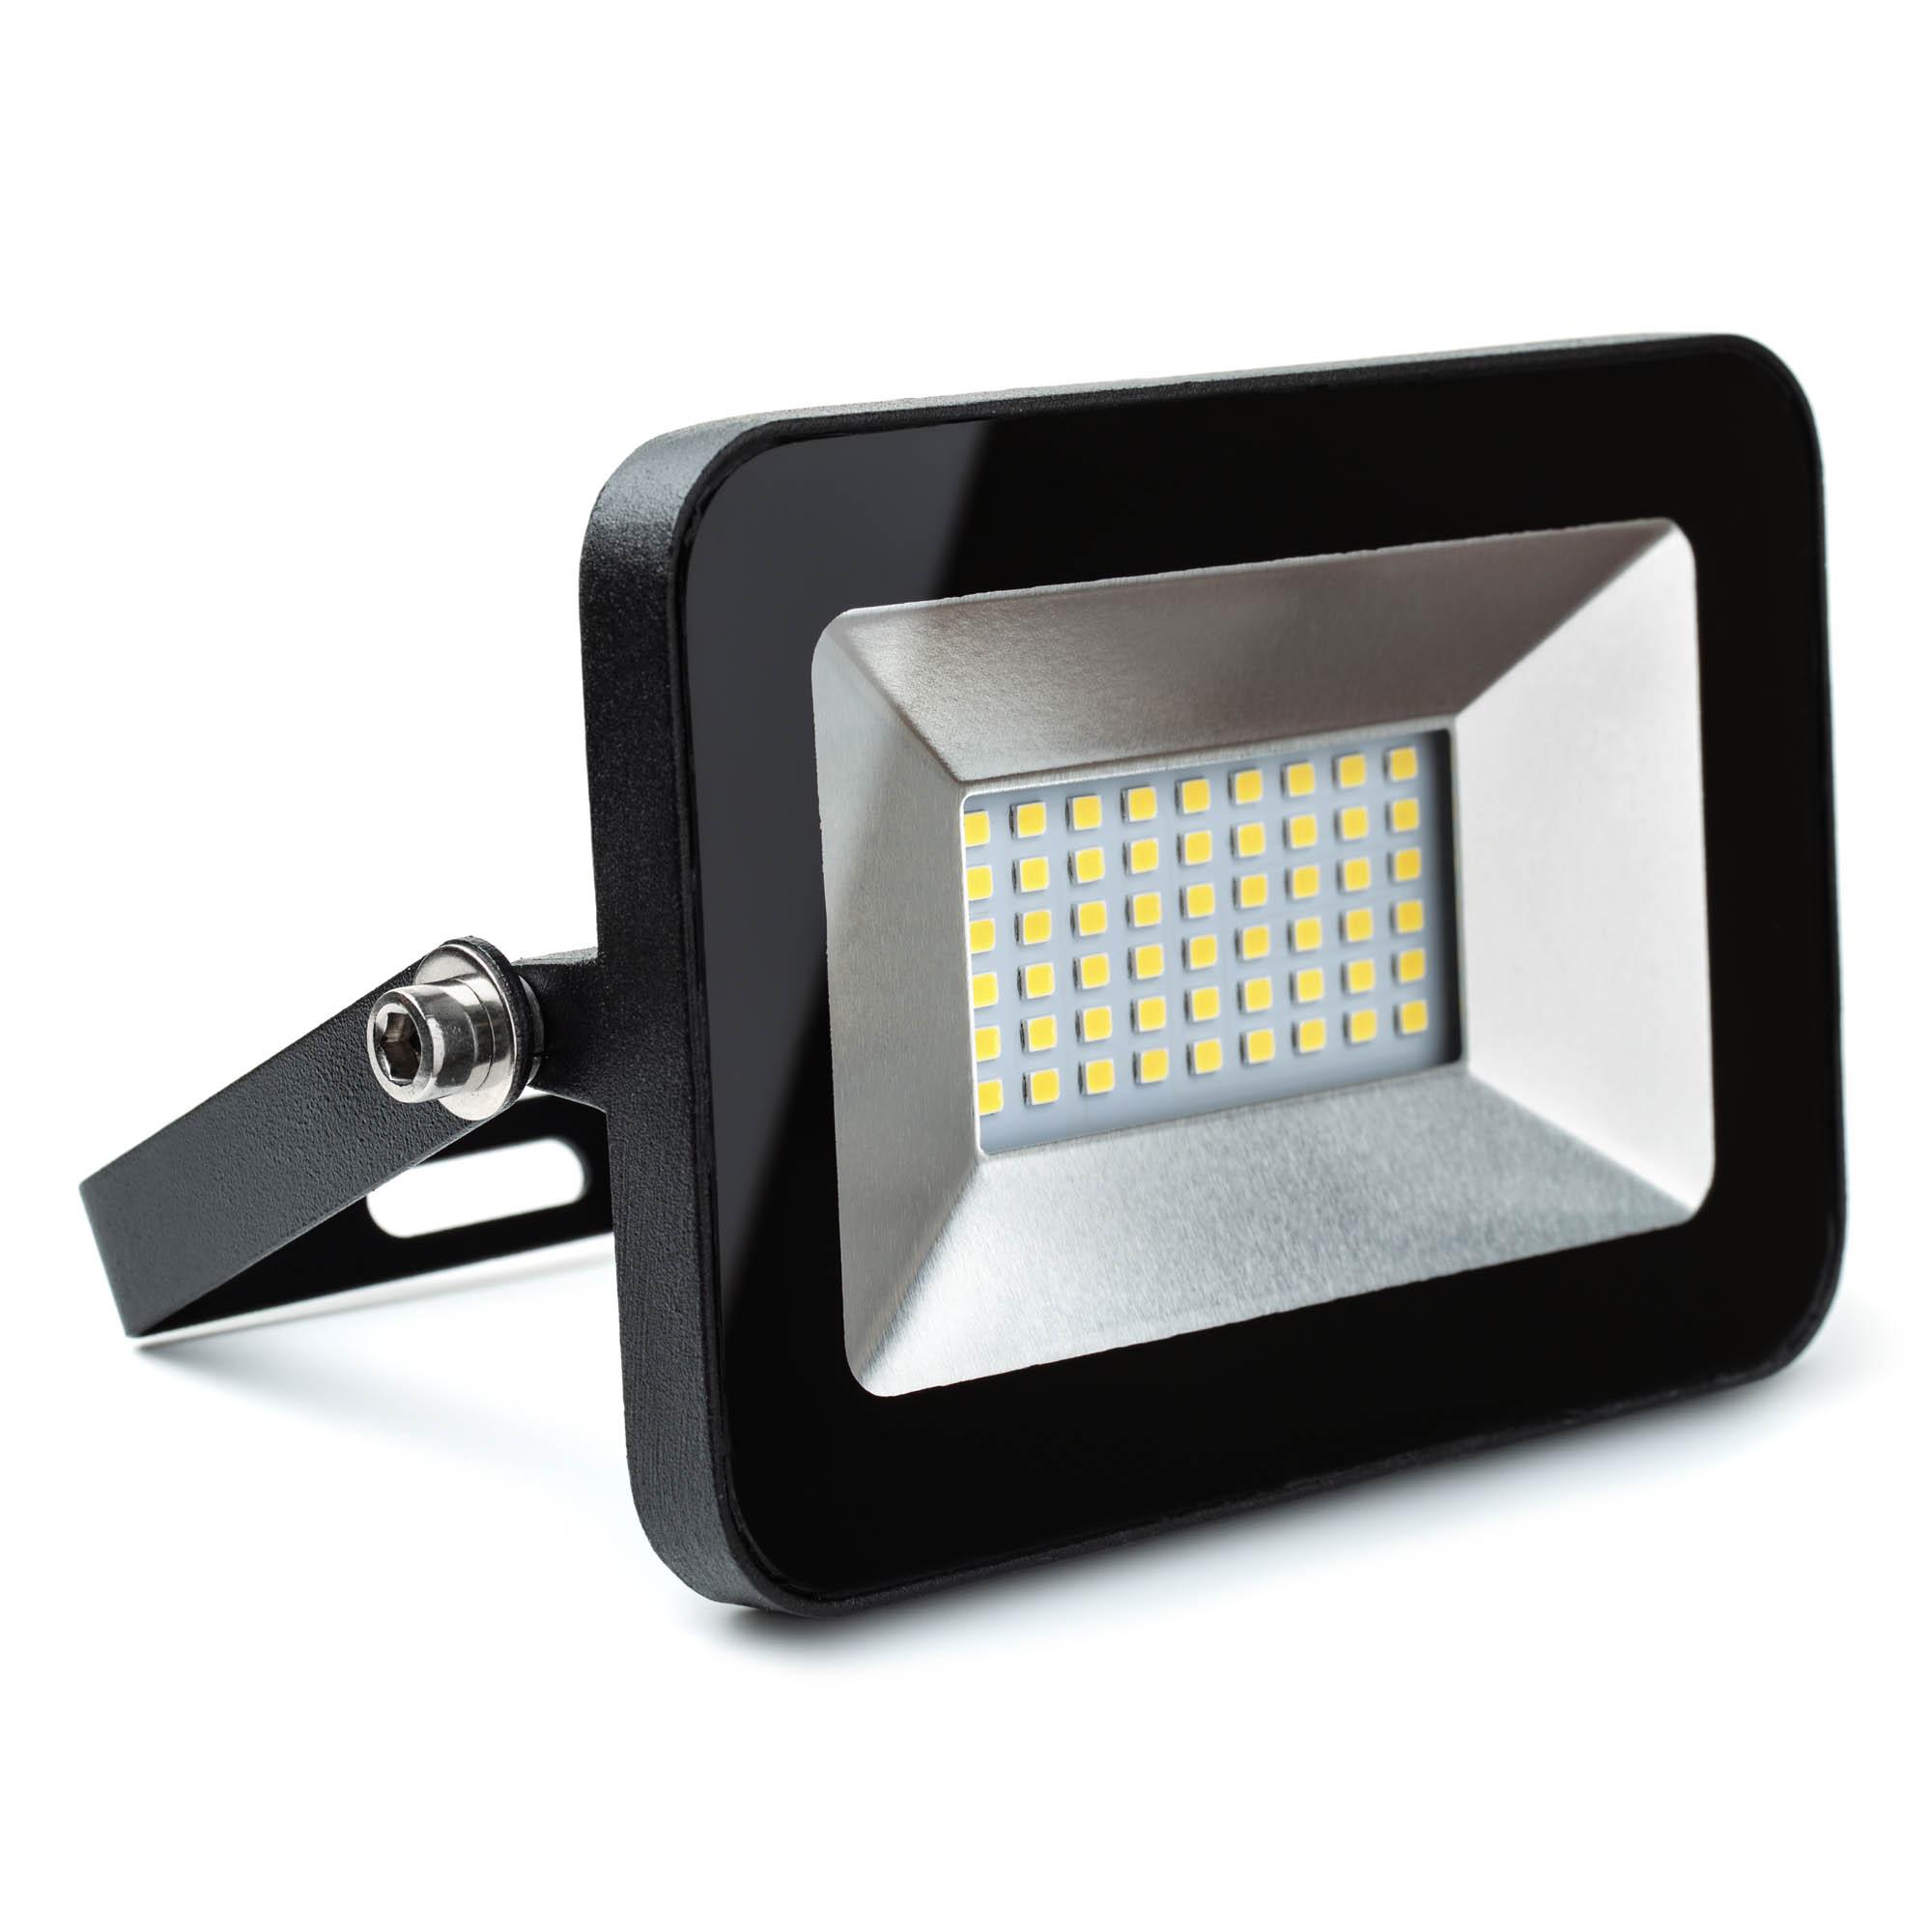 iluminacao-externa